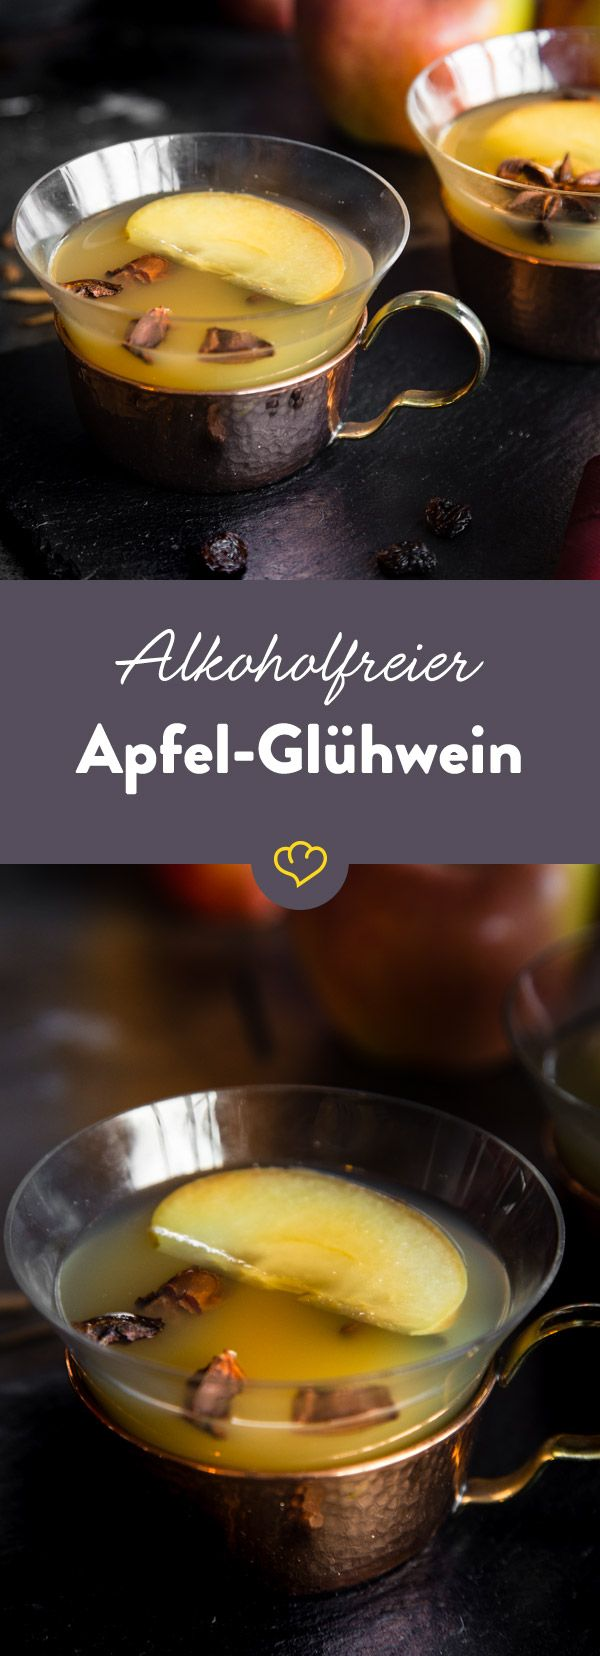 Die alkoholfreie Alternative: Apfel-Glühwein #drinks